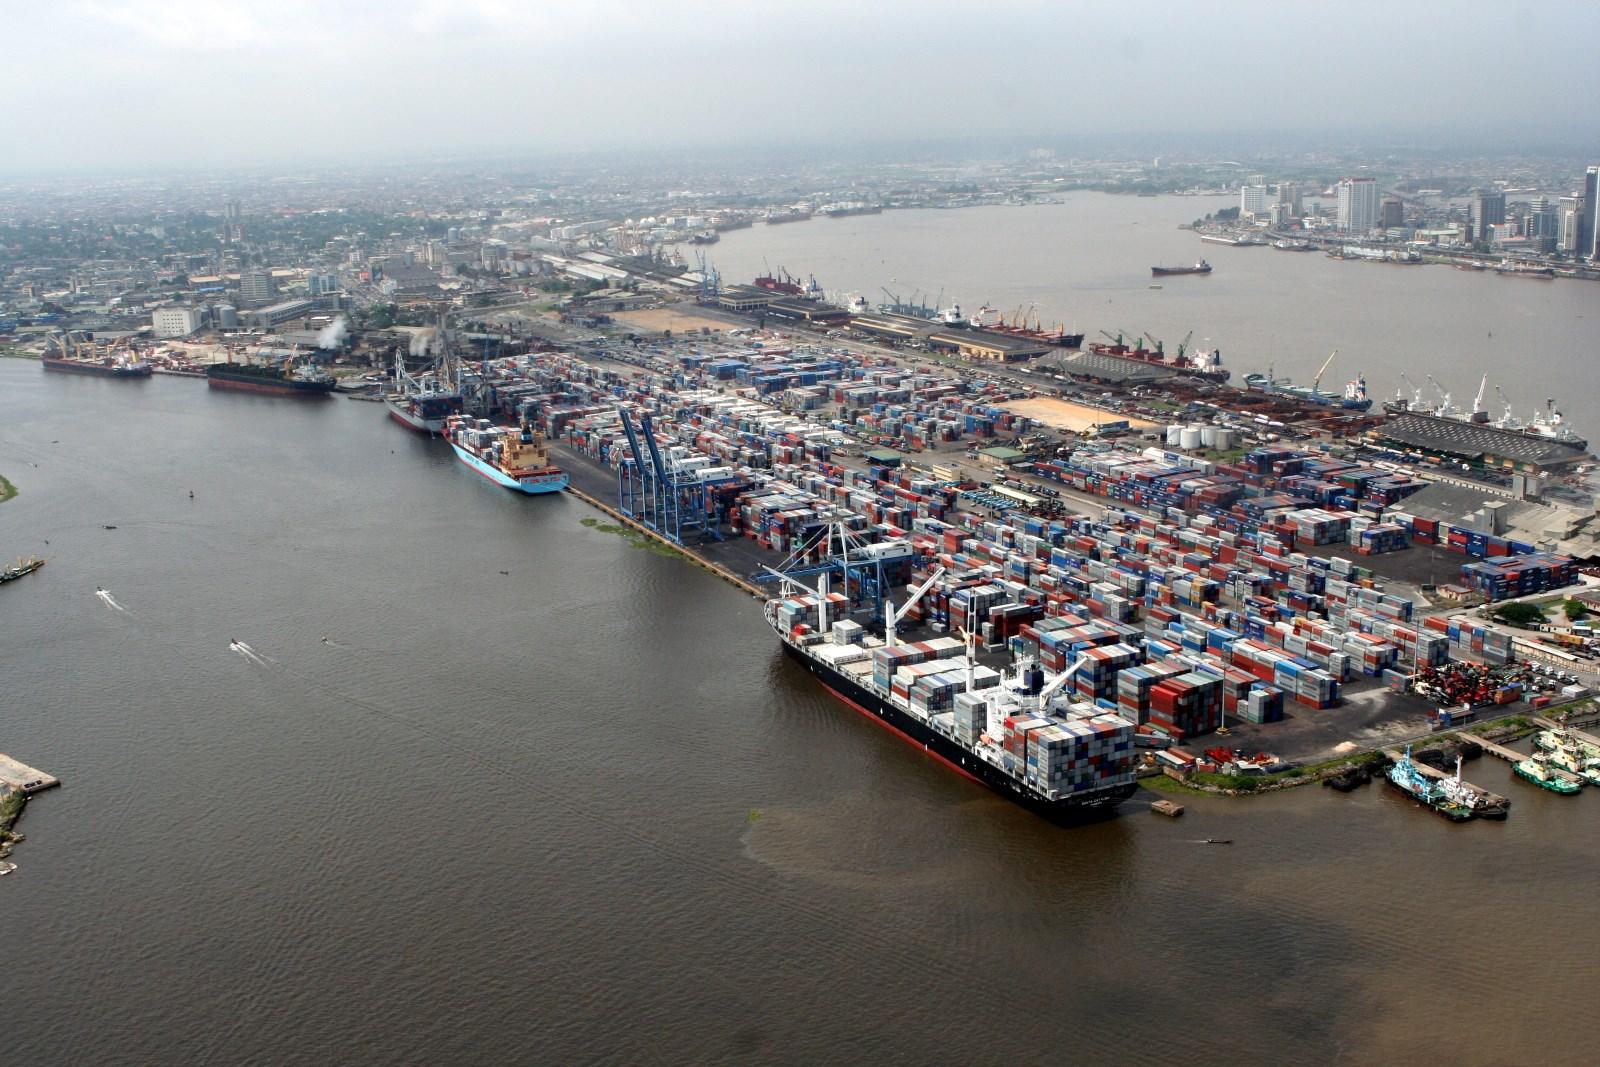 Transporte marítimo de contenedores: Diez años de sobrecapacidad y estancamiento de tarifas